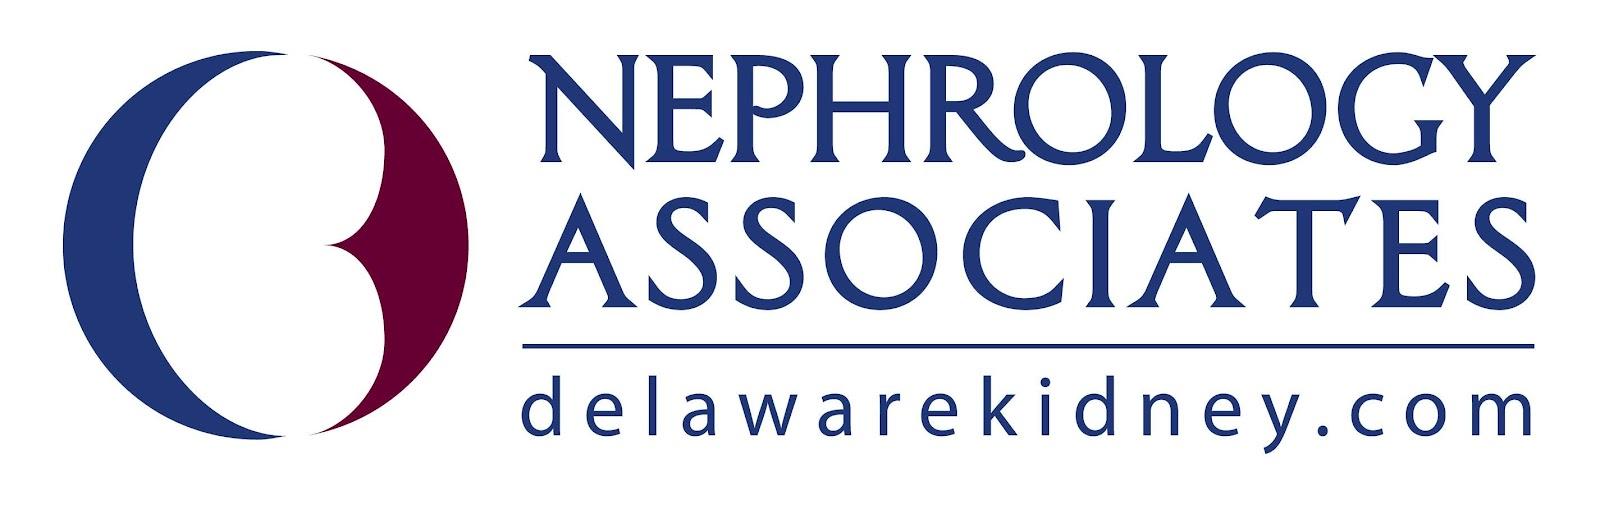 Nephrology Associates Delaware